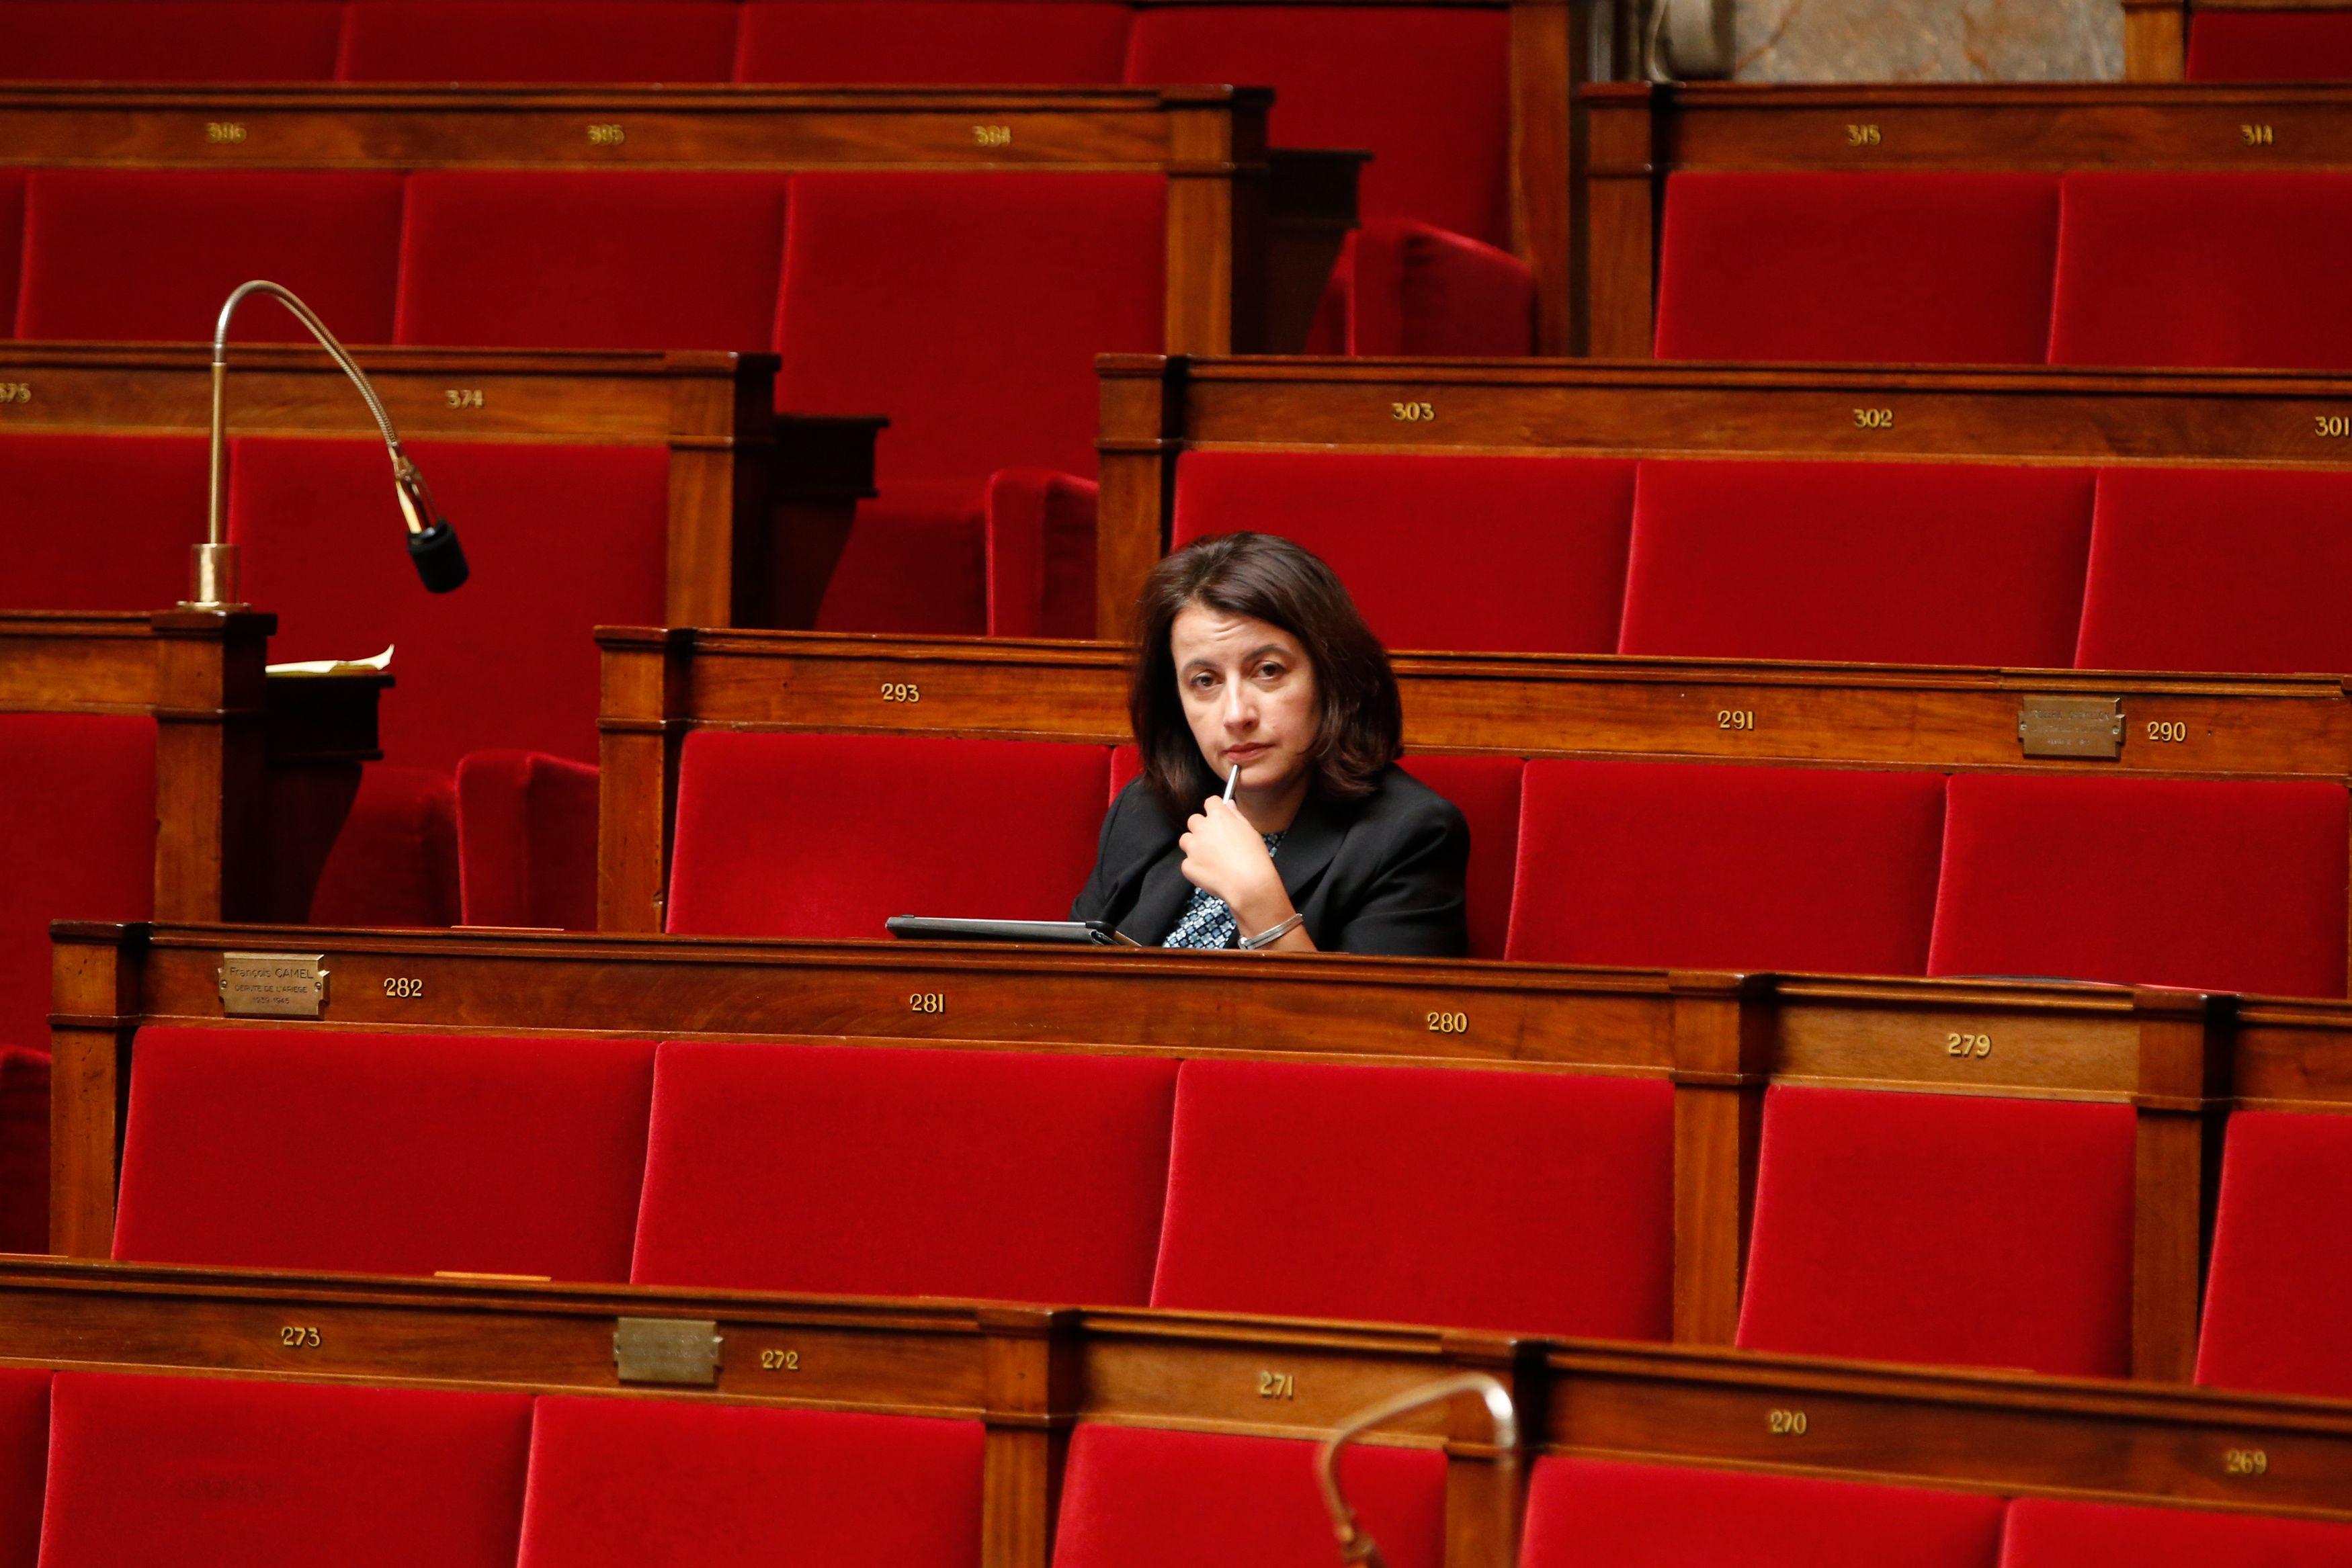 Premier tour de la primaire EELV : Cécile Duflot est éliminée